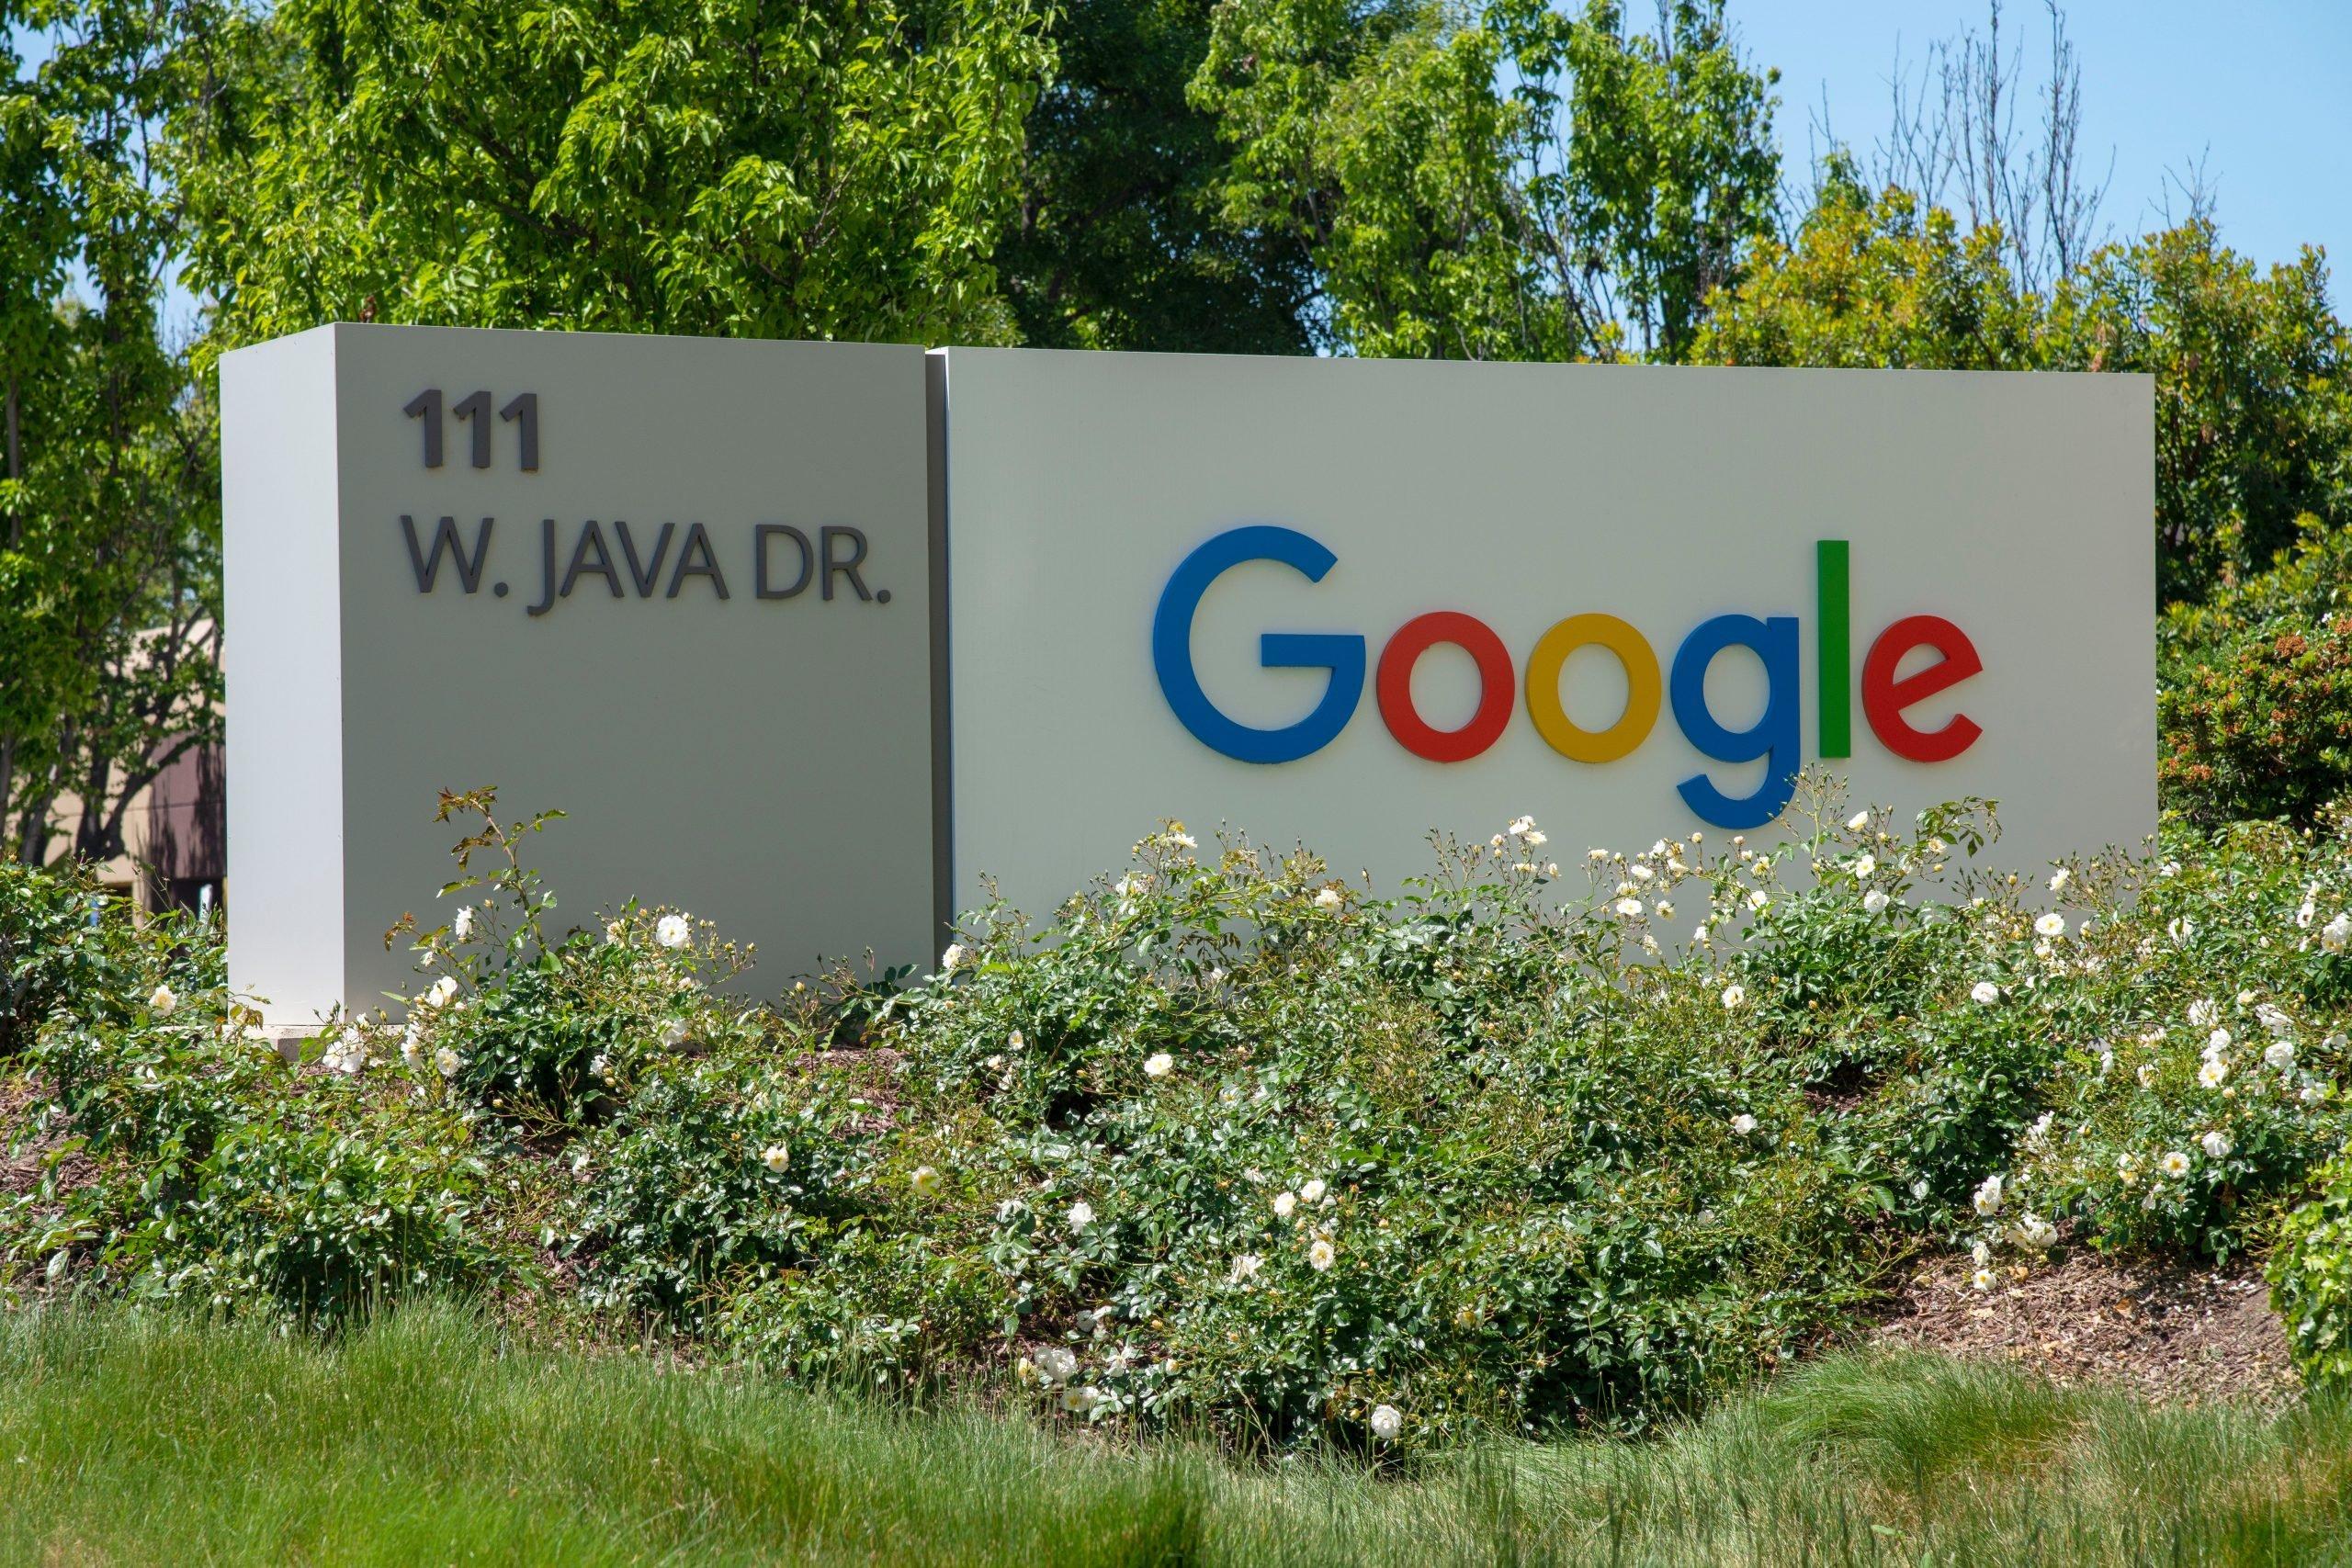 Spoločnosť Google v Sunnyvale